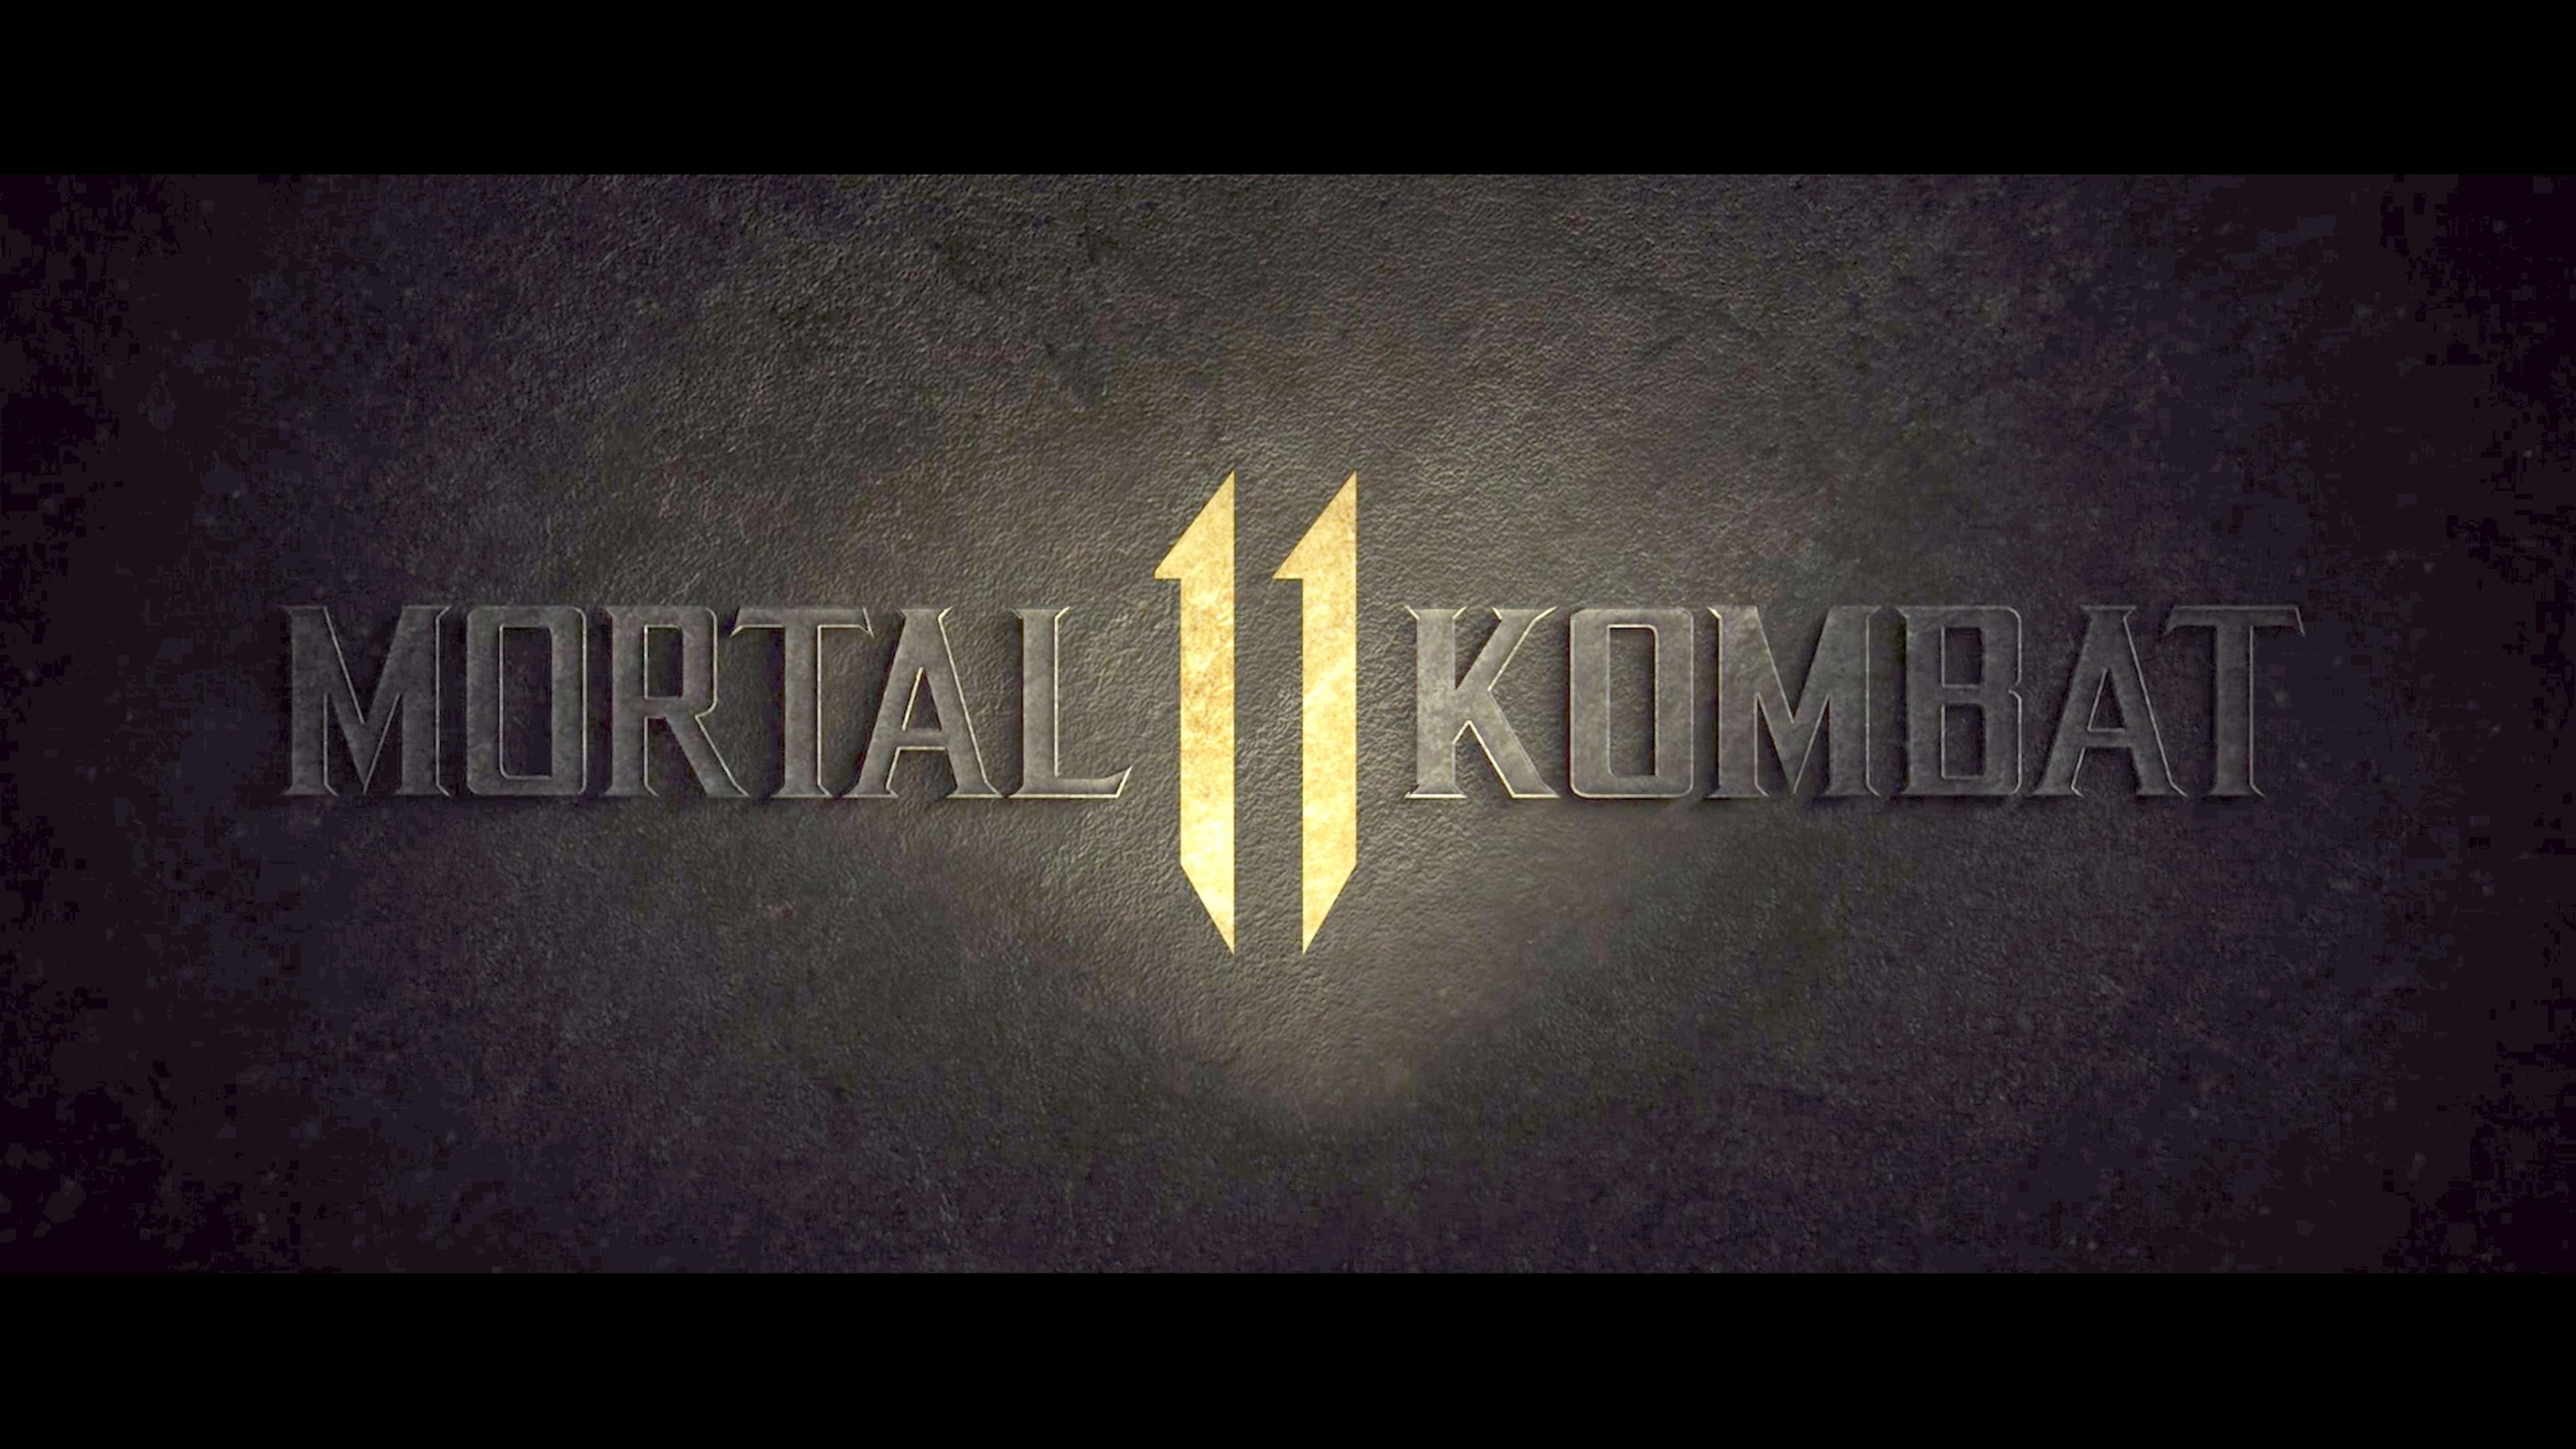 j5wmt6ps7o_mortal-kombat-11-2020-11-29-00-23-59.jpg